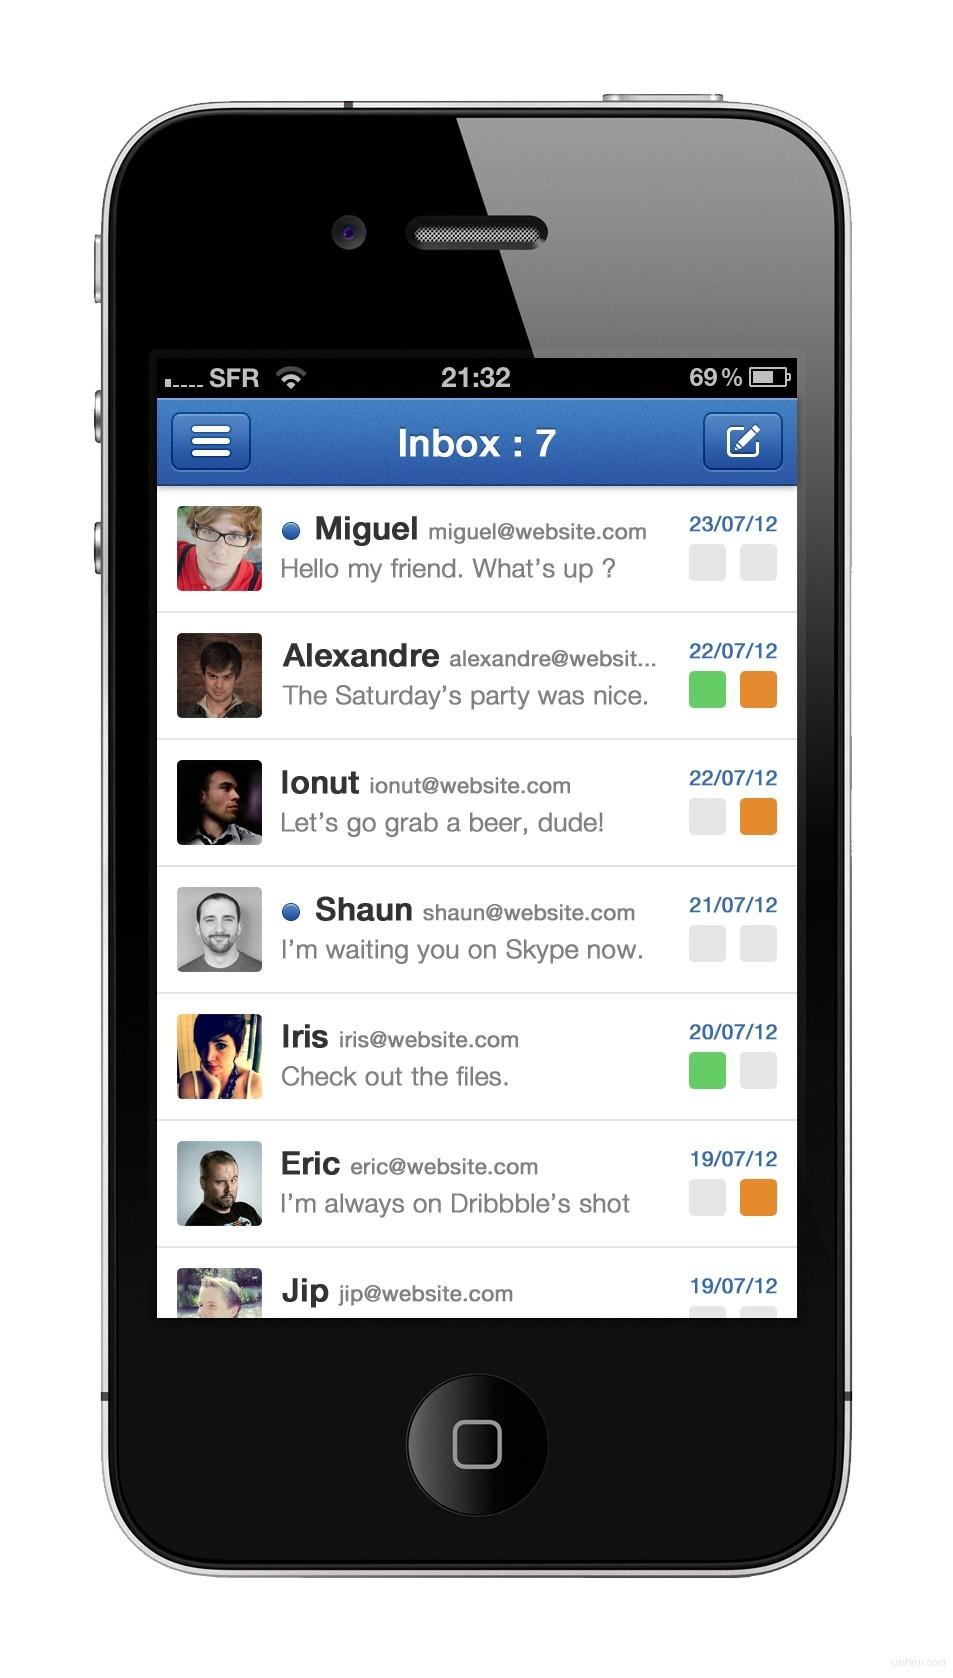 iphone 4s苹果手机应用界面设计 - 蓝蓝设计_ui设计